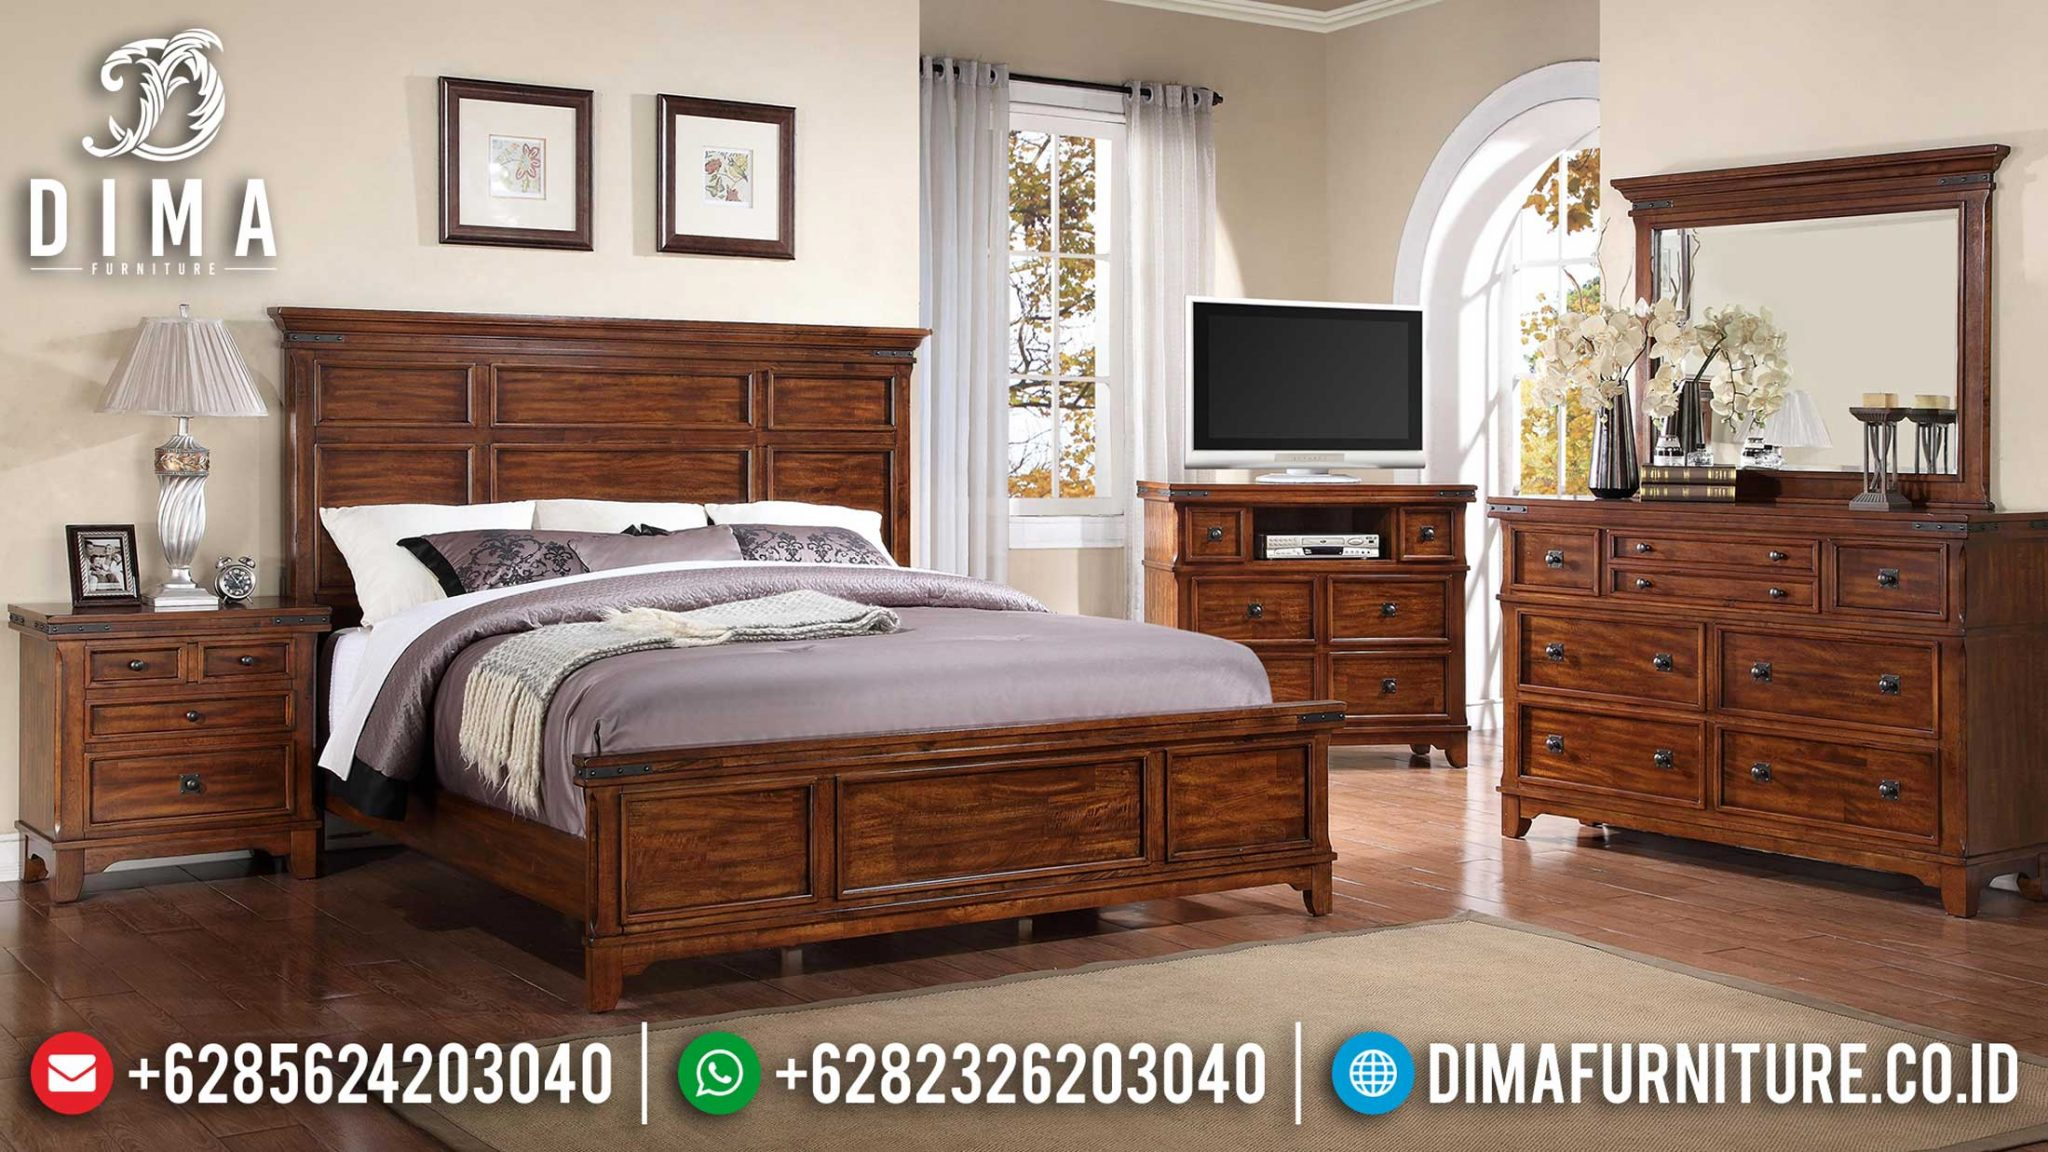 Set Tempat Tidur Minimalis Jati Natural Rose Wood Elegant Color Mebel Jepara TTJ-1178